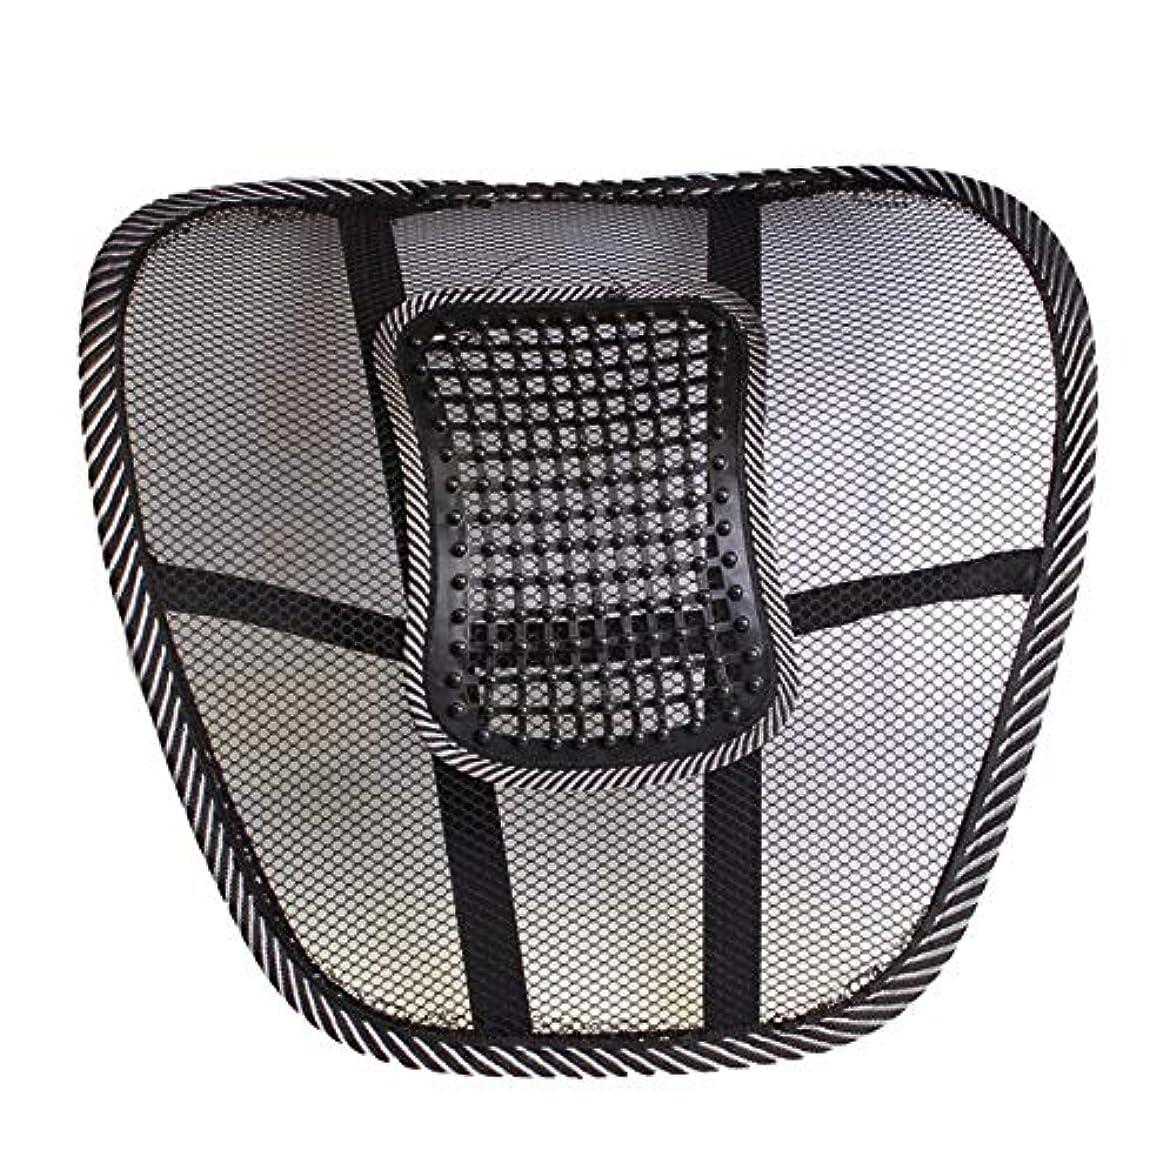 パフデンマーク語壊れたメッシュカバー付き腰椎サポートクッション腰痛緩和のためのバランスのとれた硬さ - 理想的なバックピロー